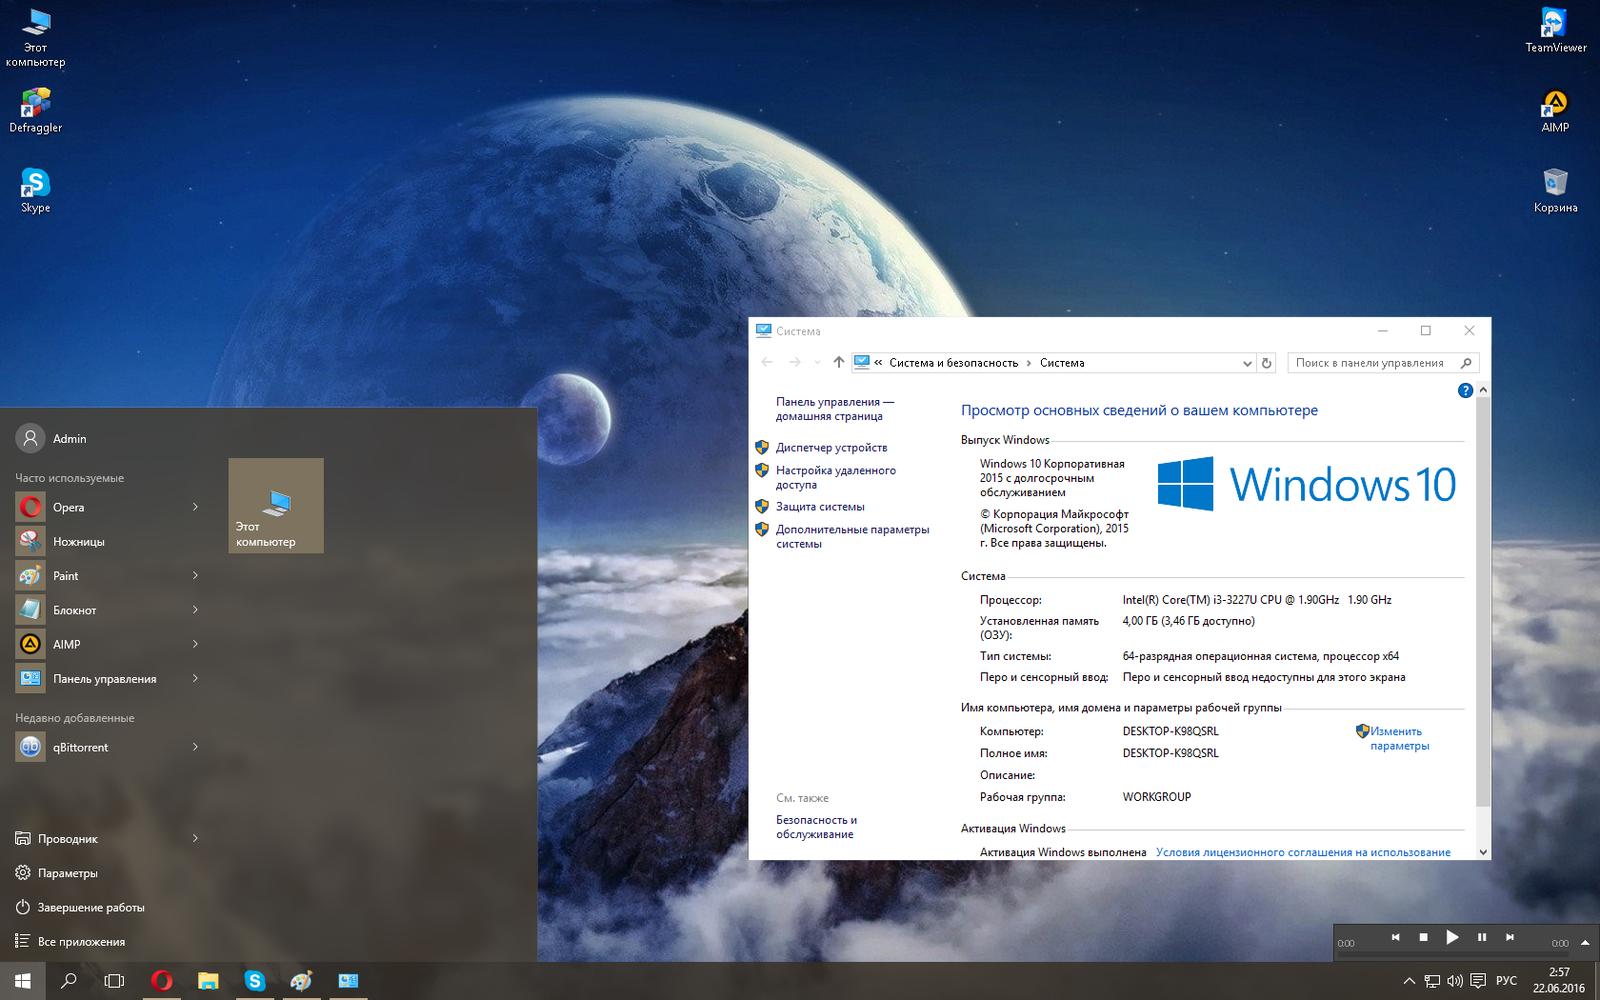 лучшая сборка windows 10 для игр